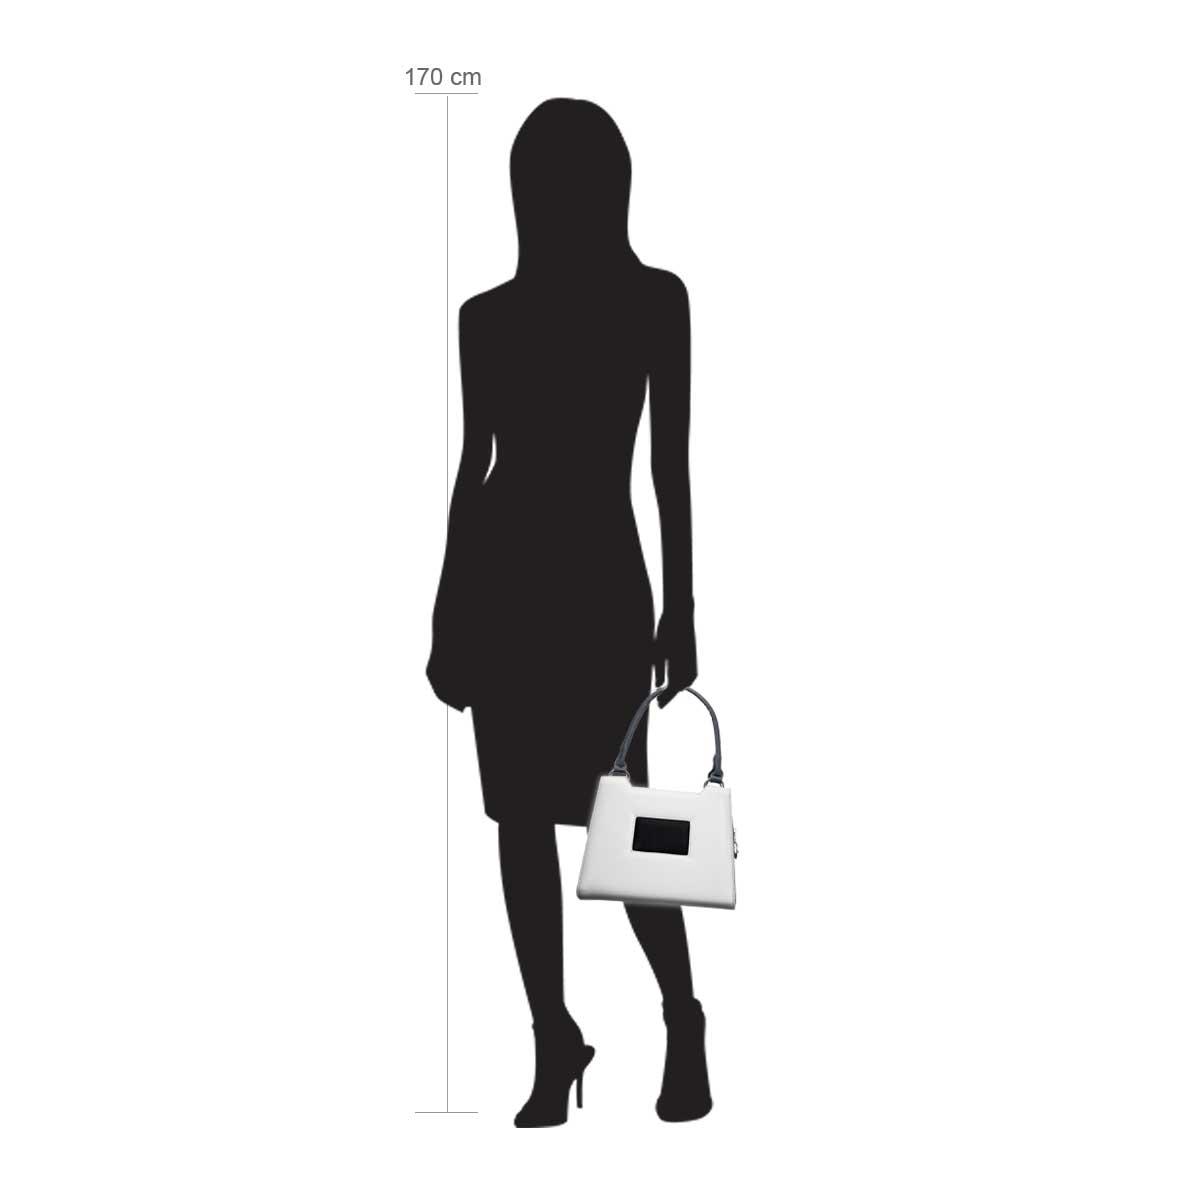 Modellpuppe 170 cm groß zeigt die Handtaschengröße an der Person Modell:Fairbanks